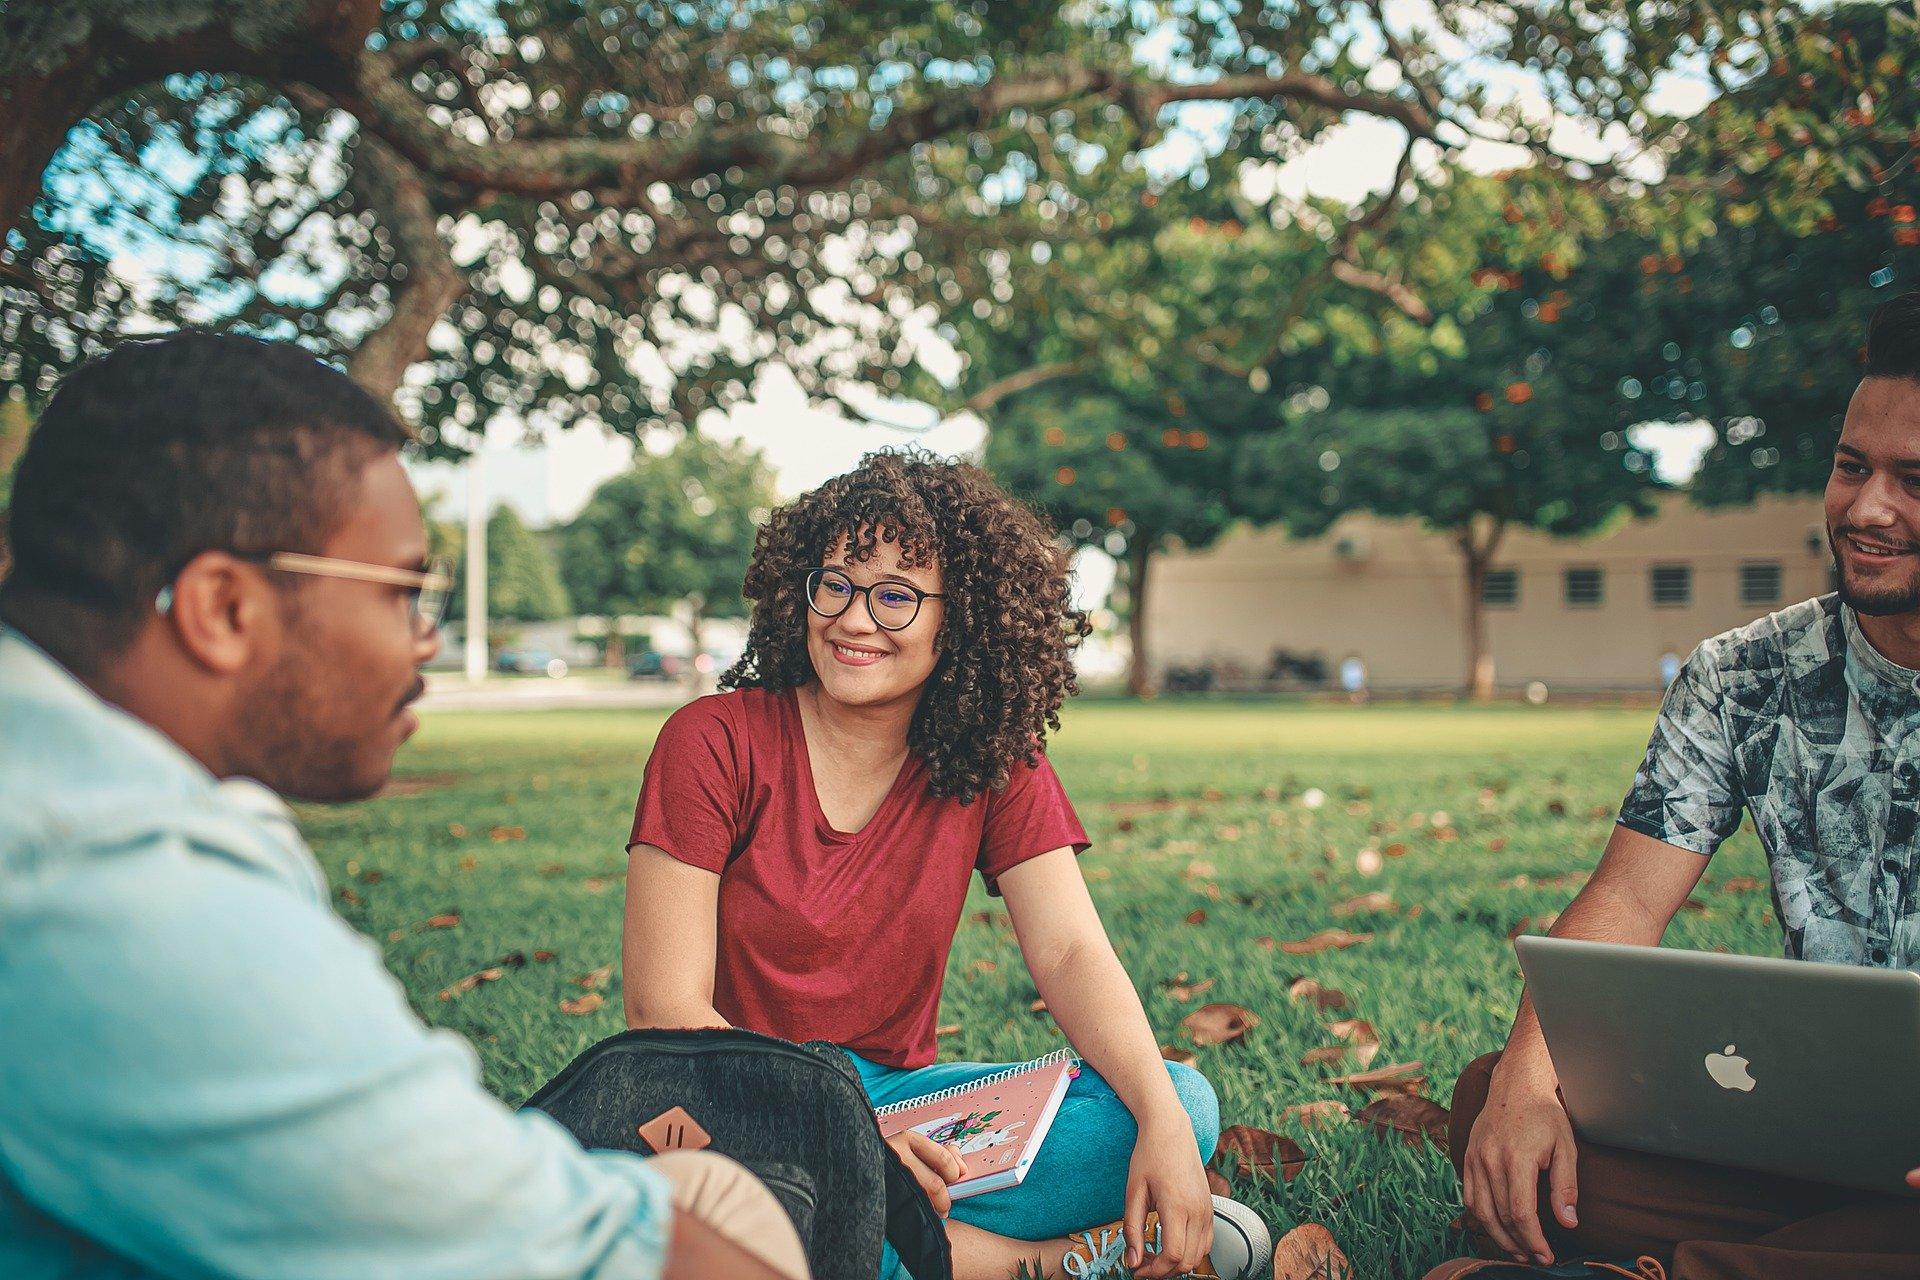 Trois étudiants se retrouvent dans un parc